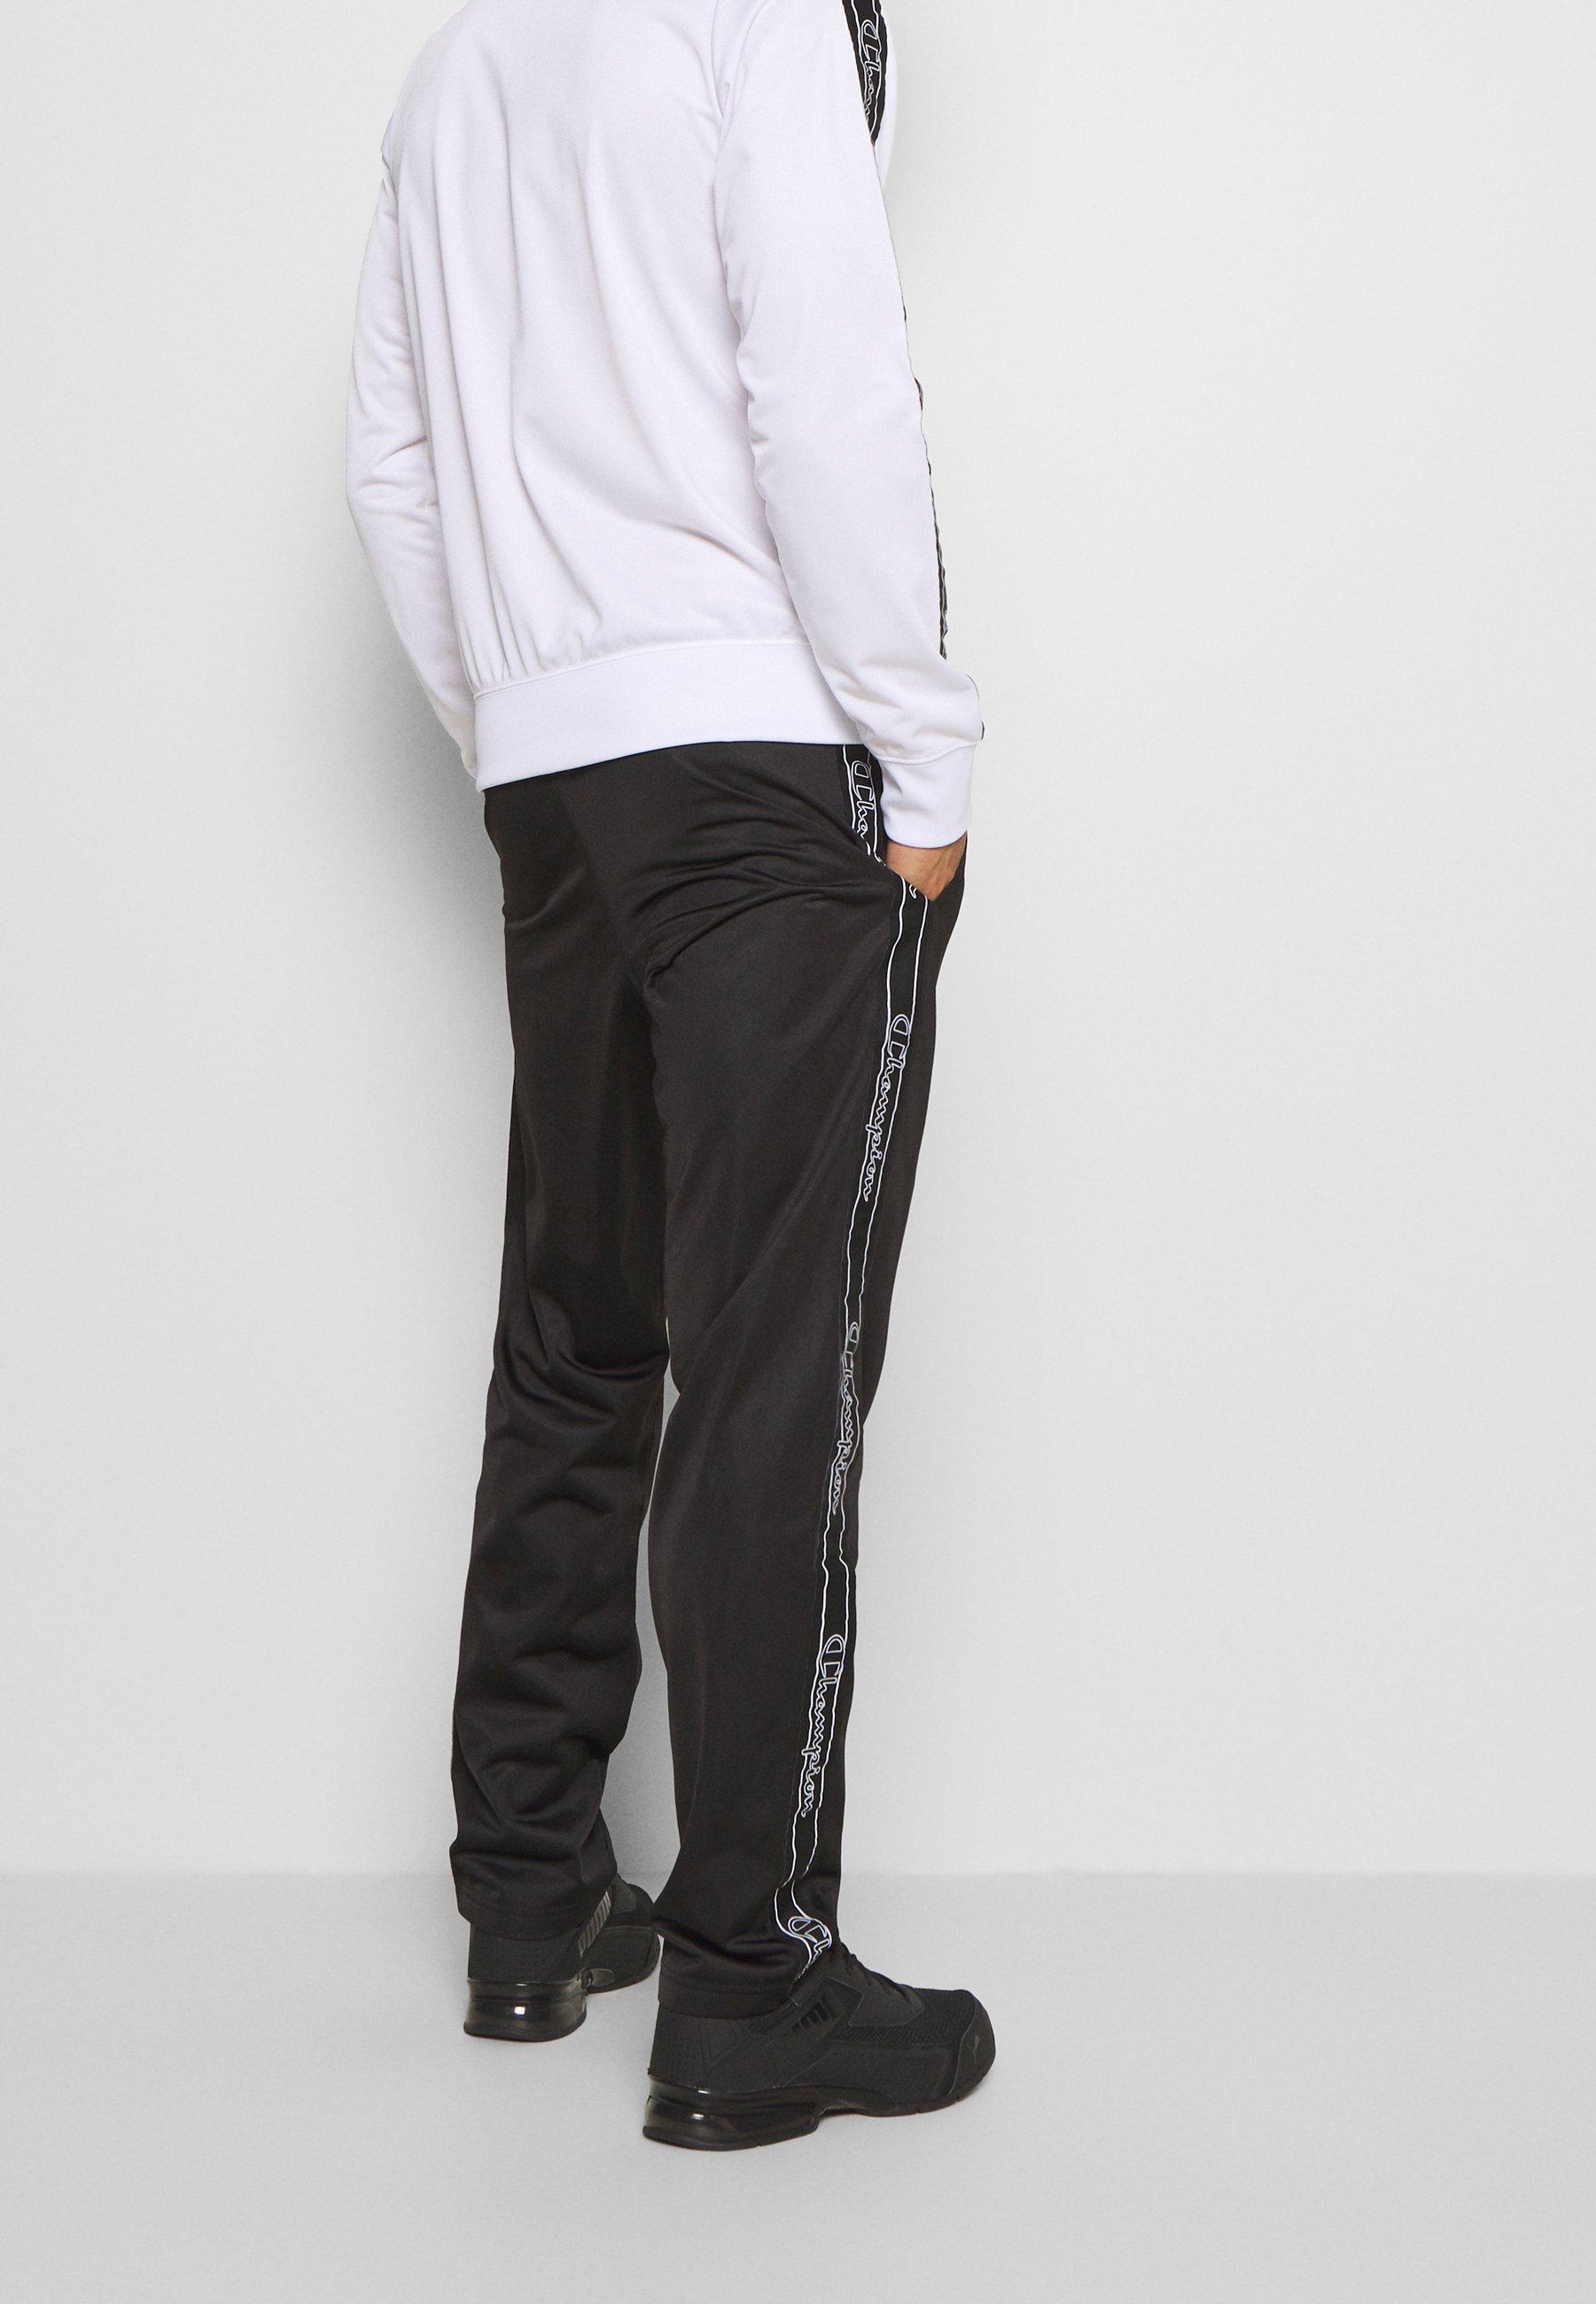 Prezzo incredibile Abbigliamento da uomo Champion LEGACY TAPE TRACKSUIT SET Tuta white/black